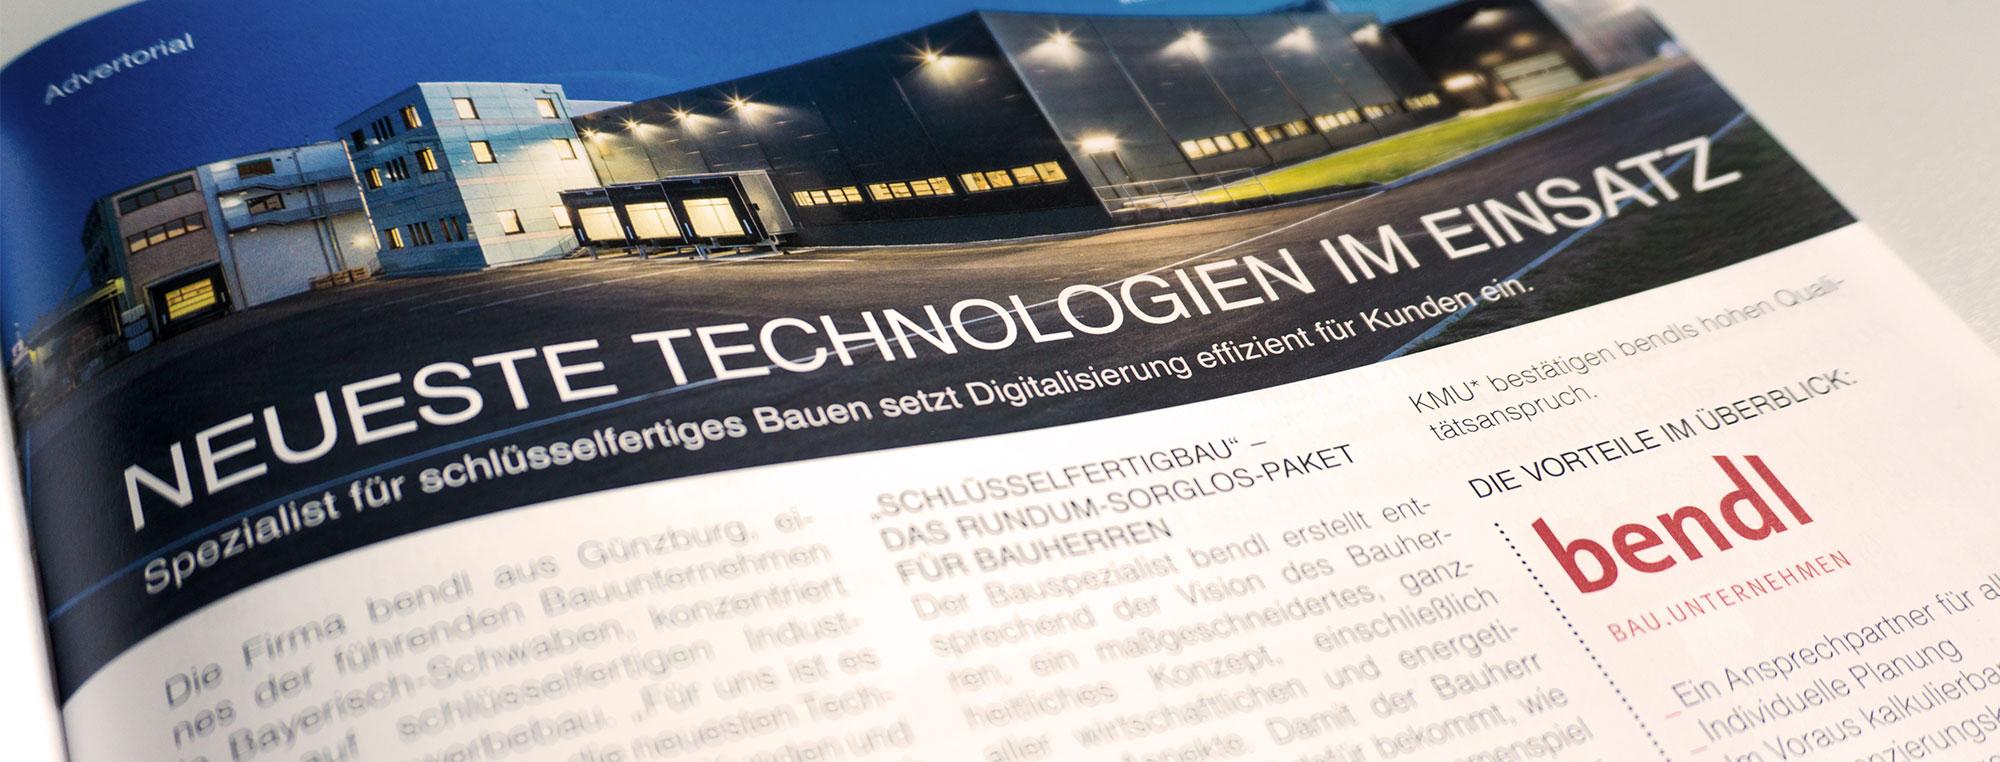 Bauunternehmen bendl Bericht Junge Wirtschaft Neueste Technologien im Einsatz